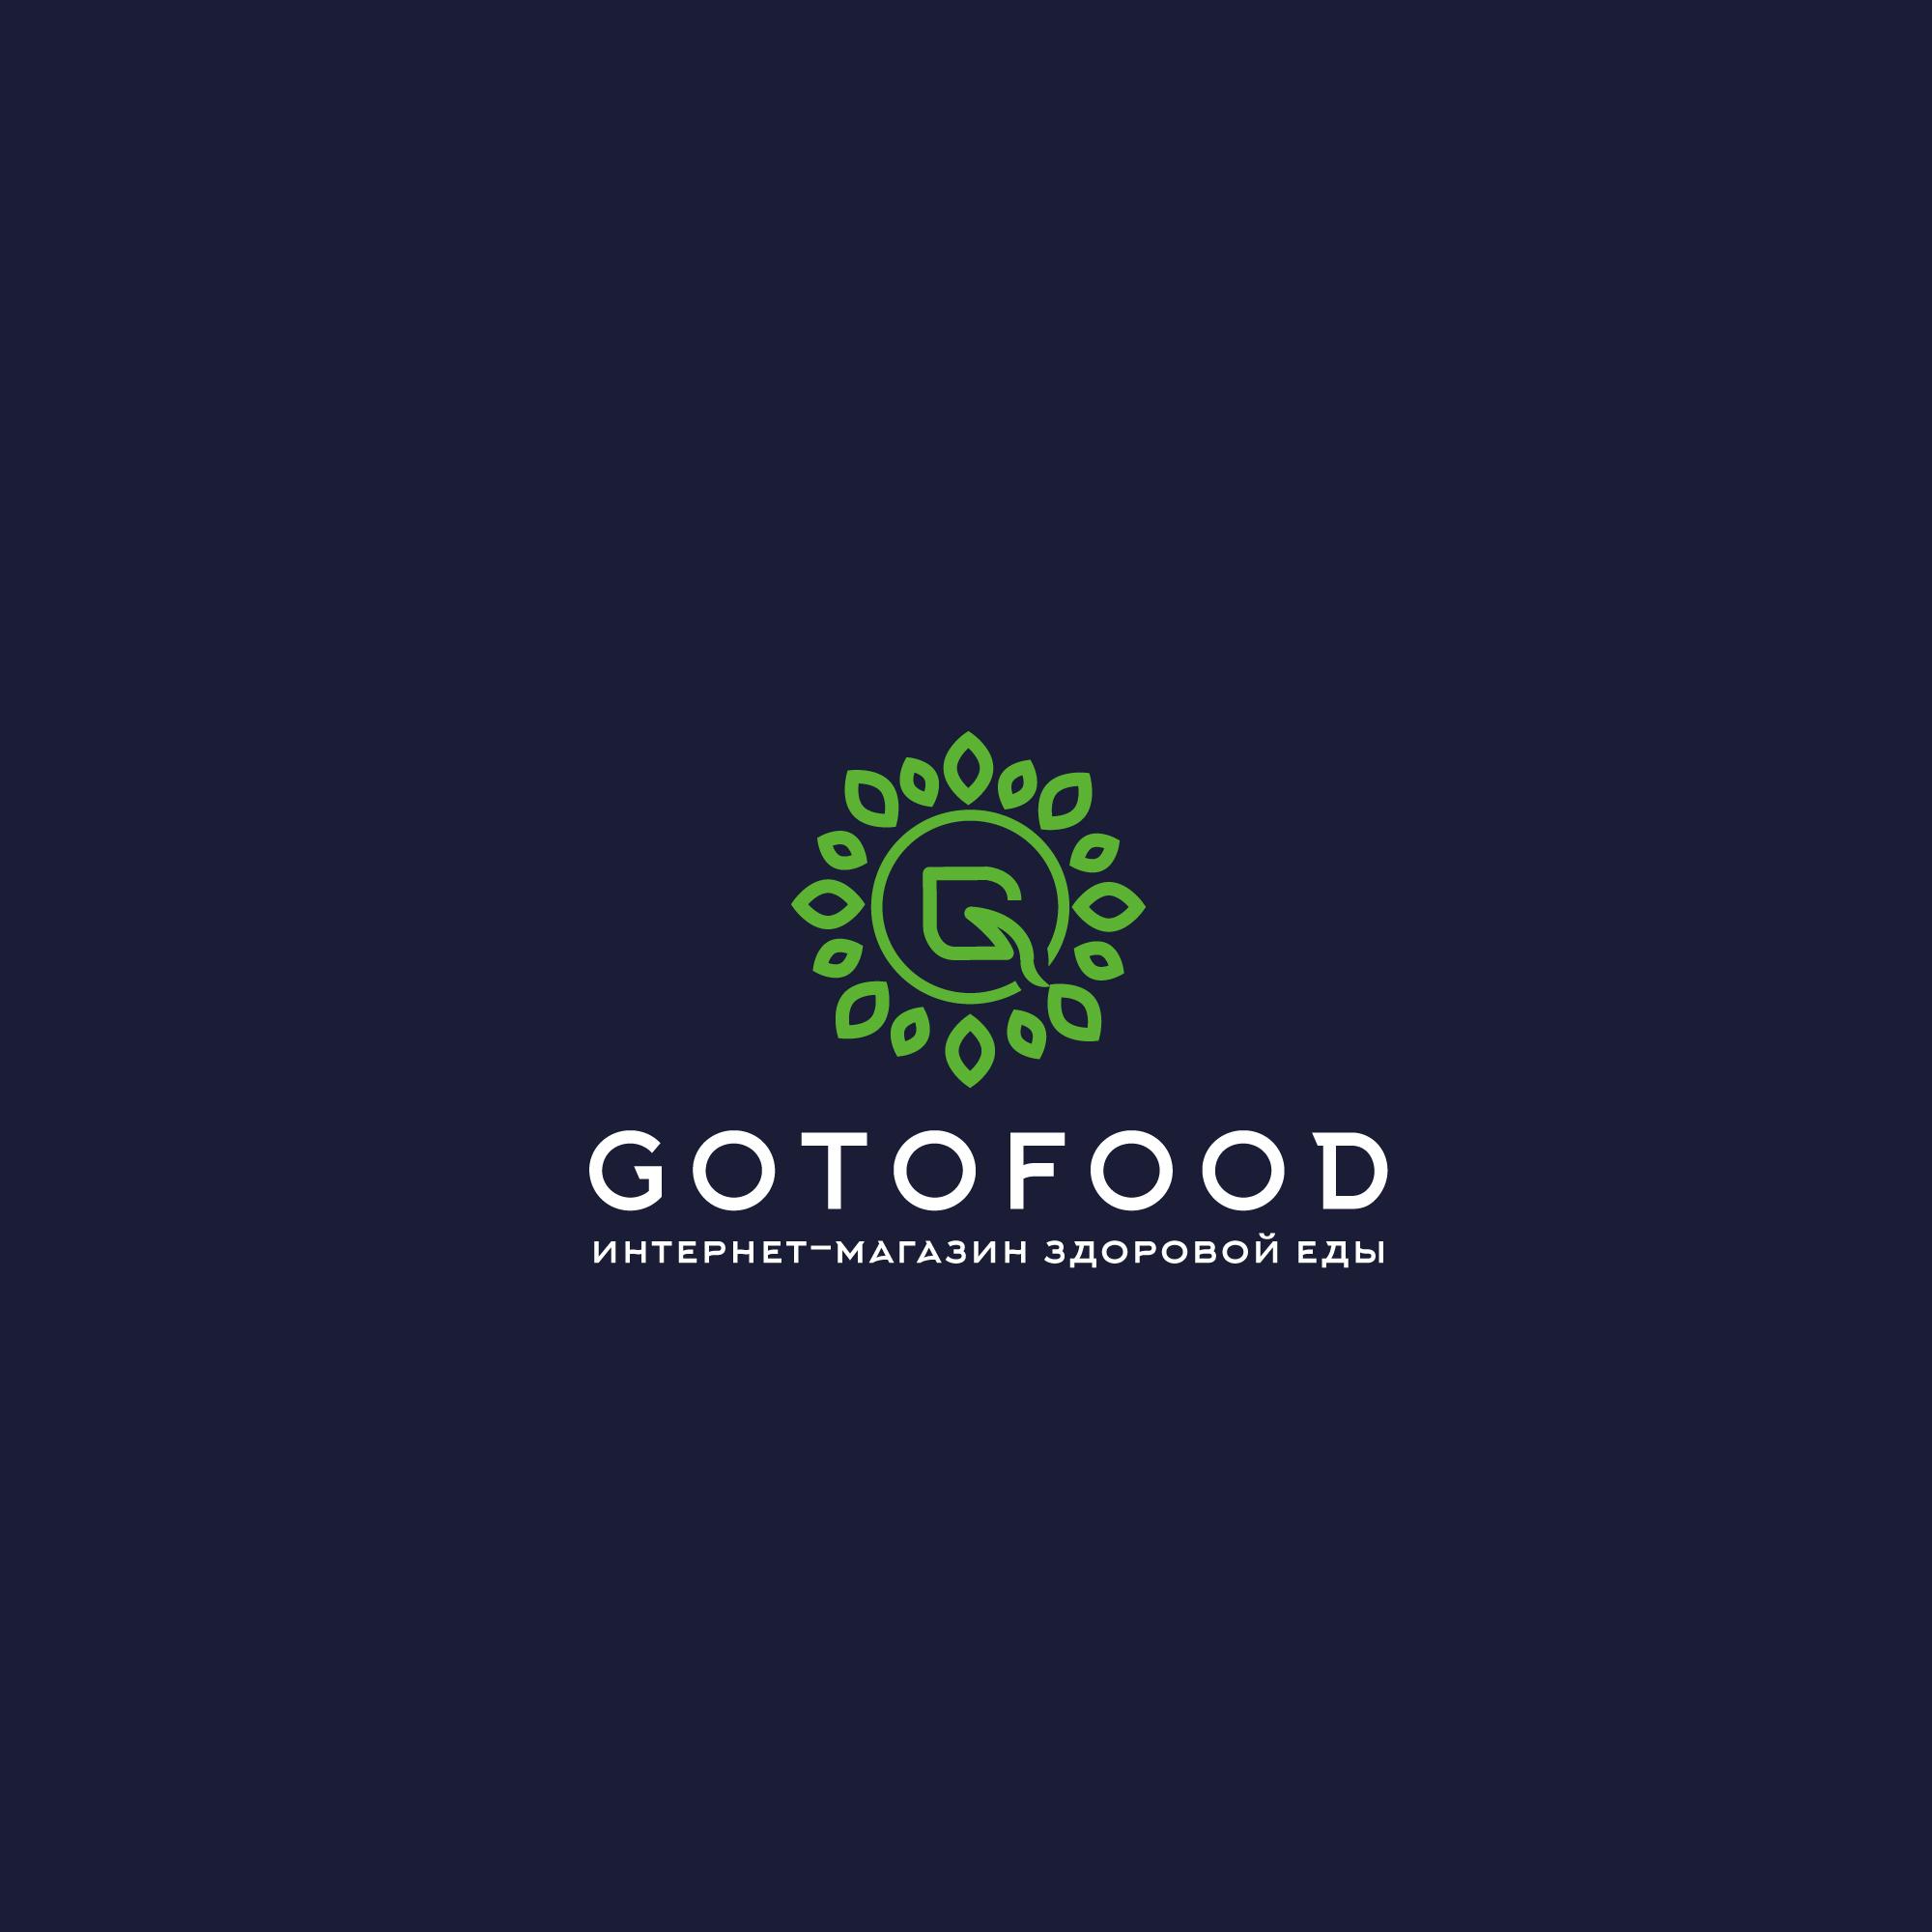 Логотип интернет-магазина здоровой еды фото f_2405cd2058c97513.jpg